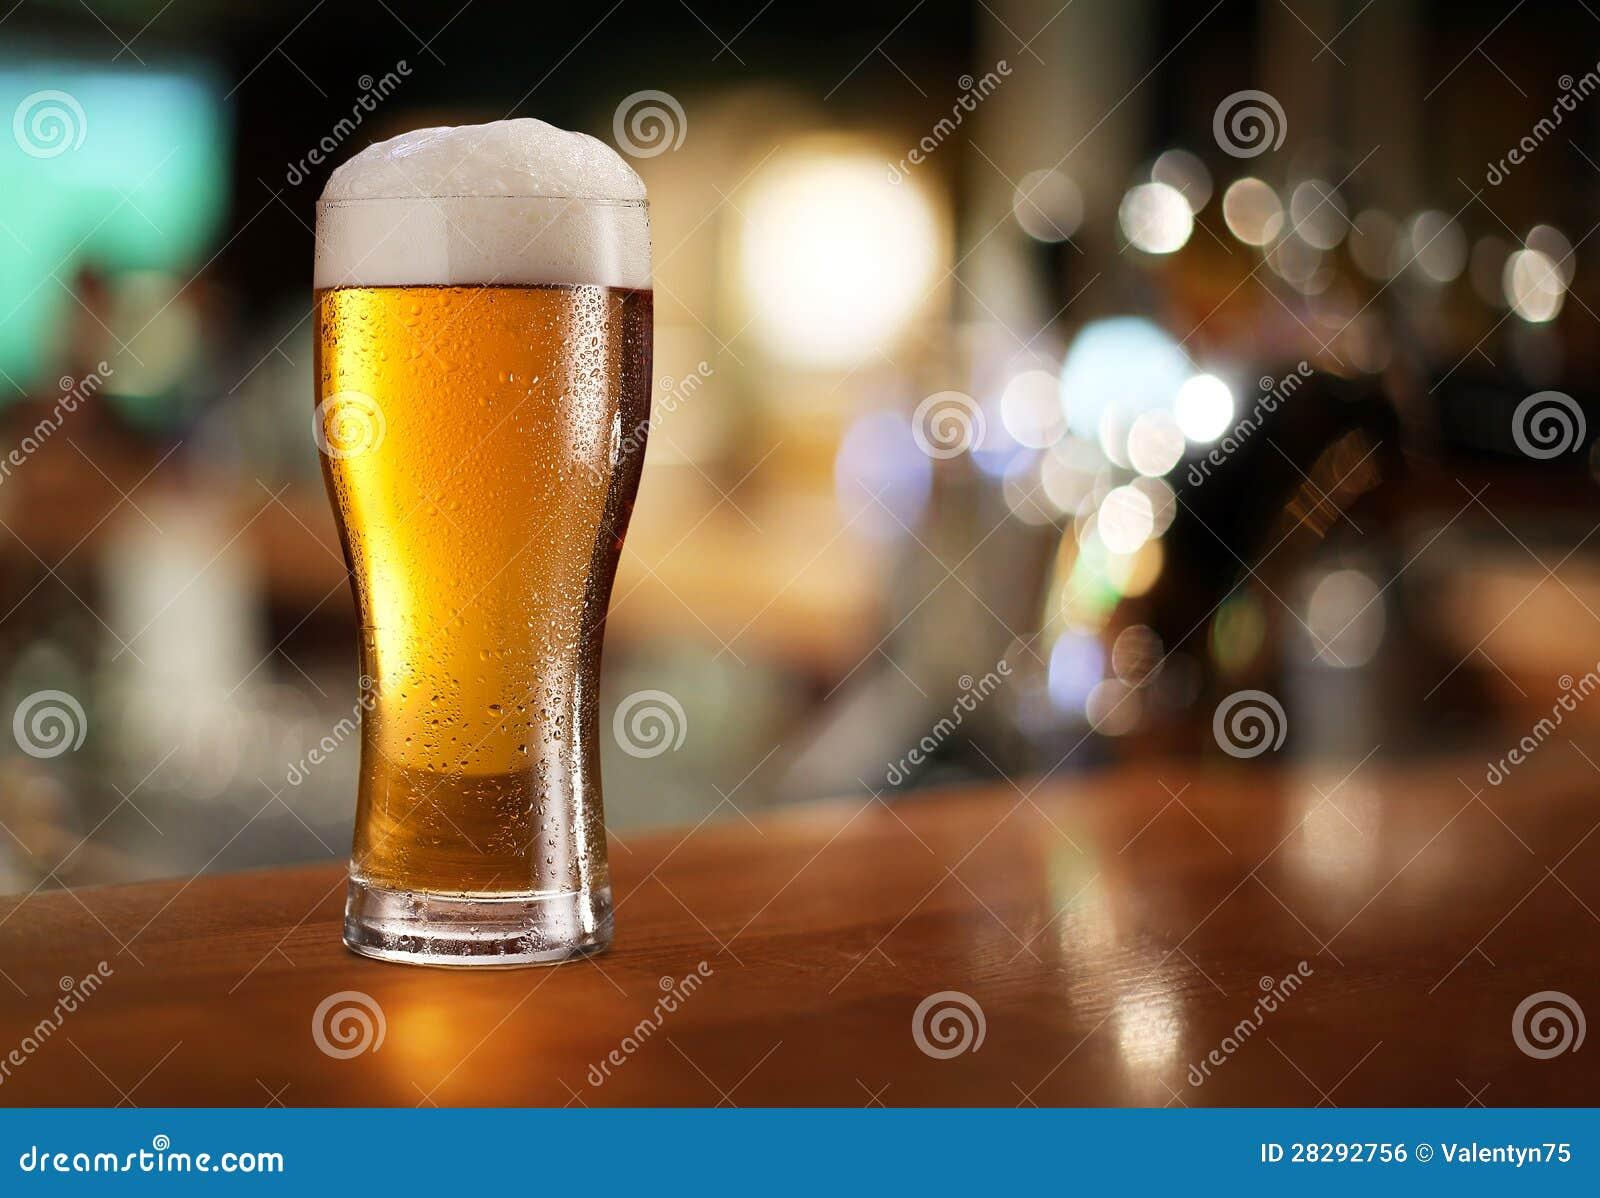 Glas licht bier.